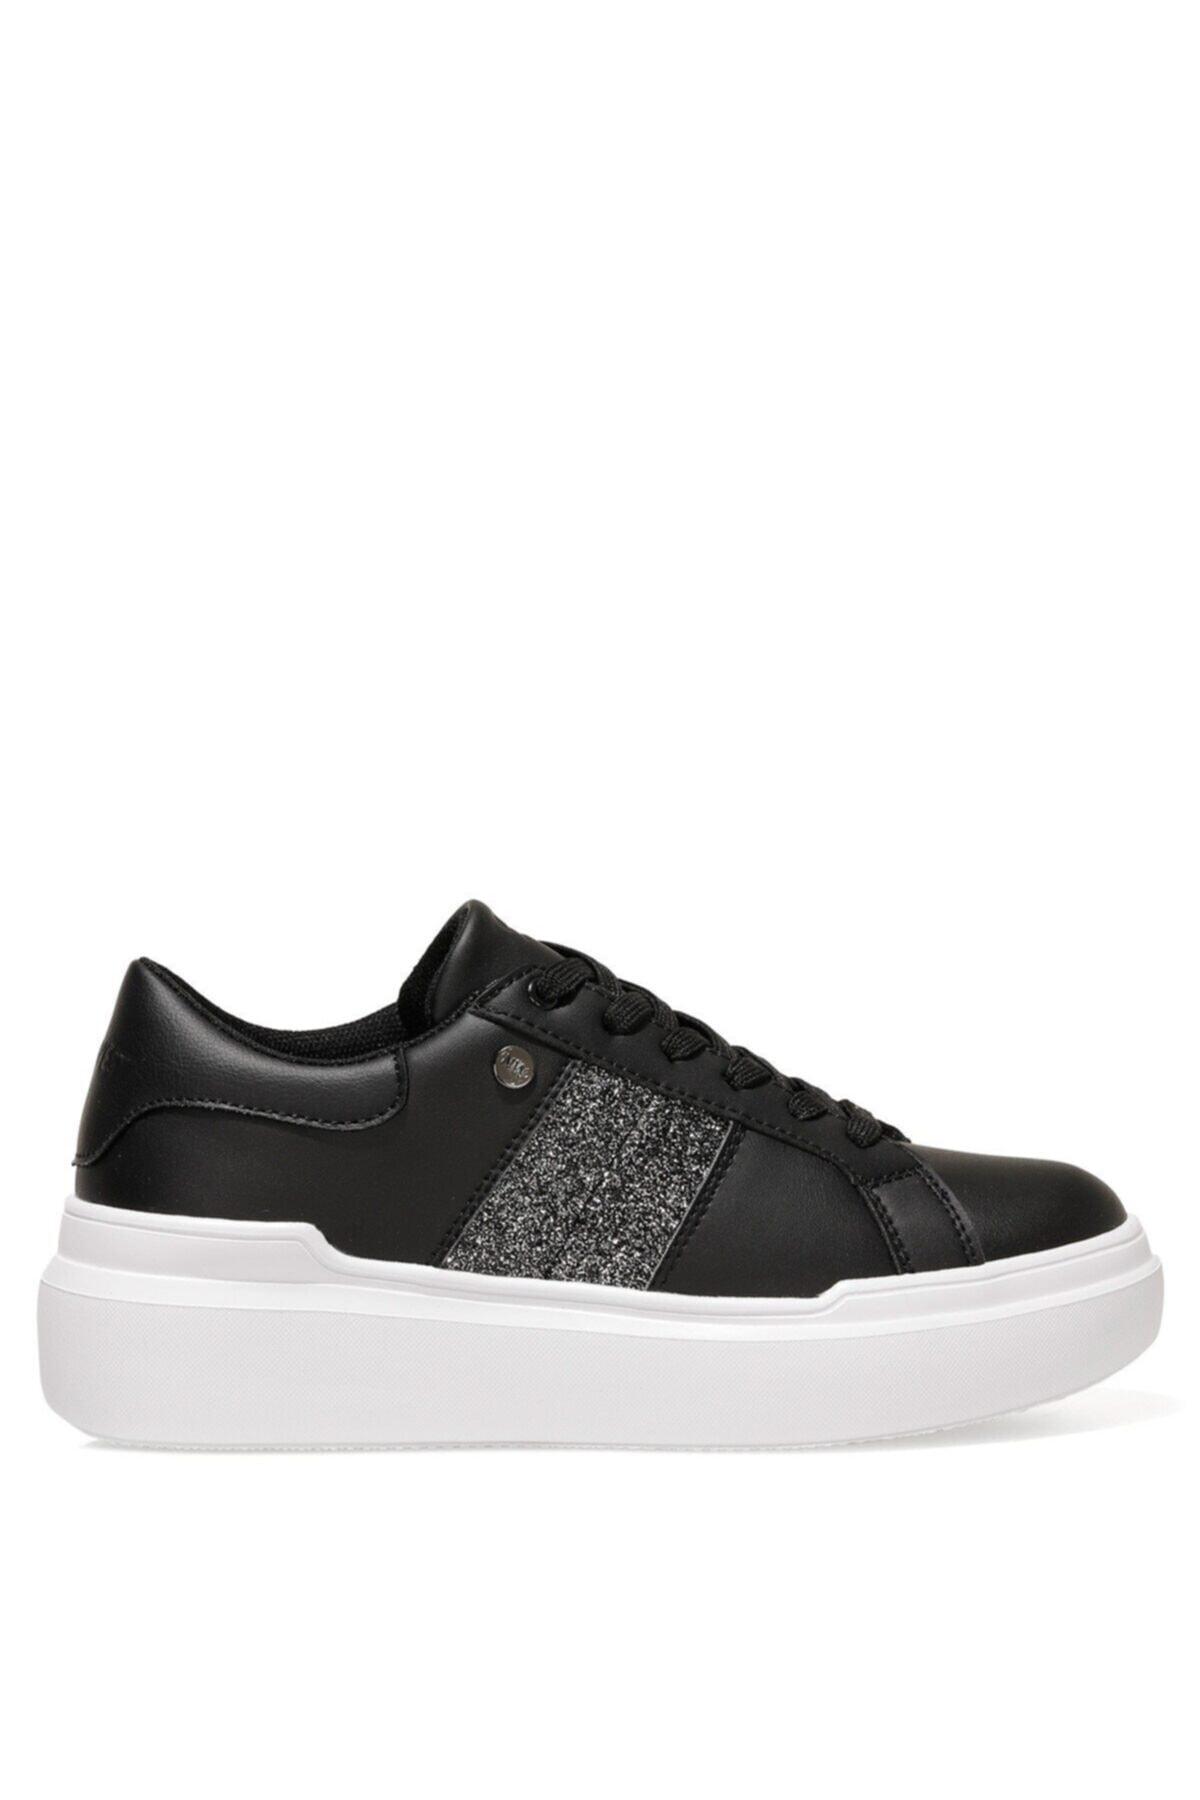 PRETTY 1FX Siyah Kadın Sneaker Ayakkabı 101015507